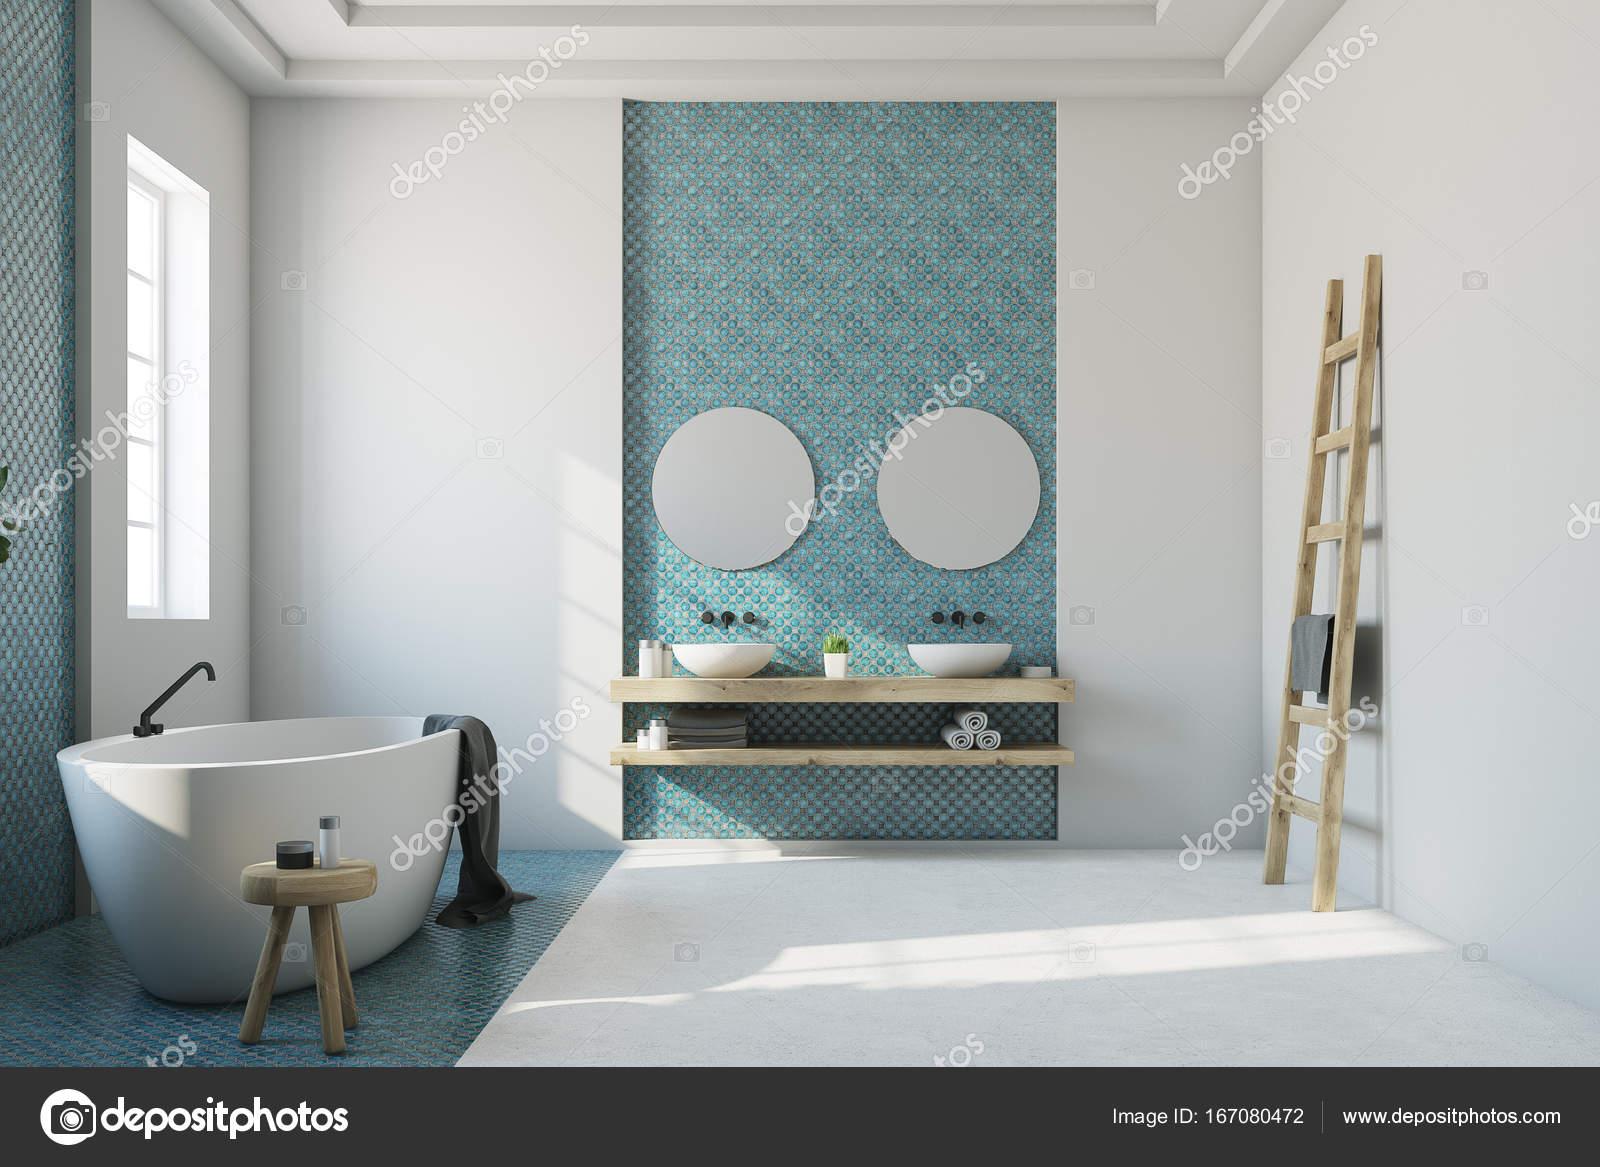 Bagno Blu E Bianco Bianco Vasca Lavello Foto Stock